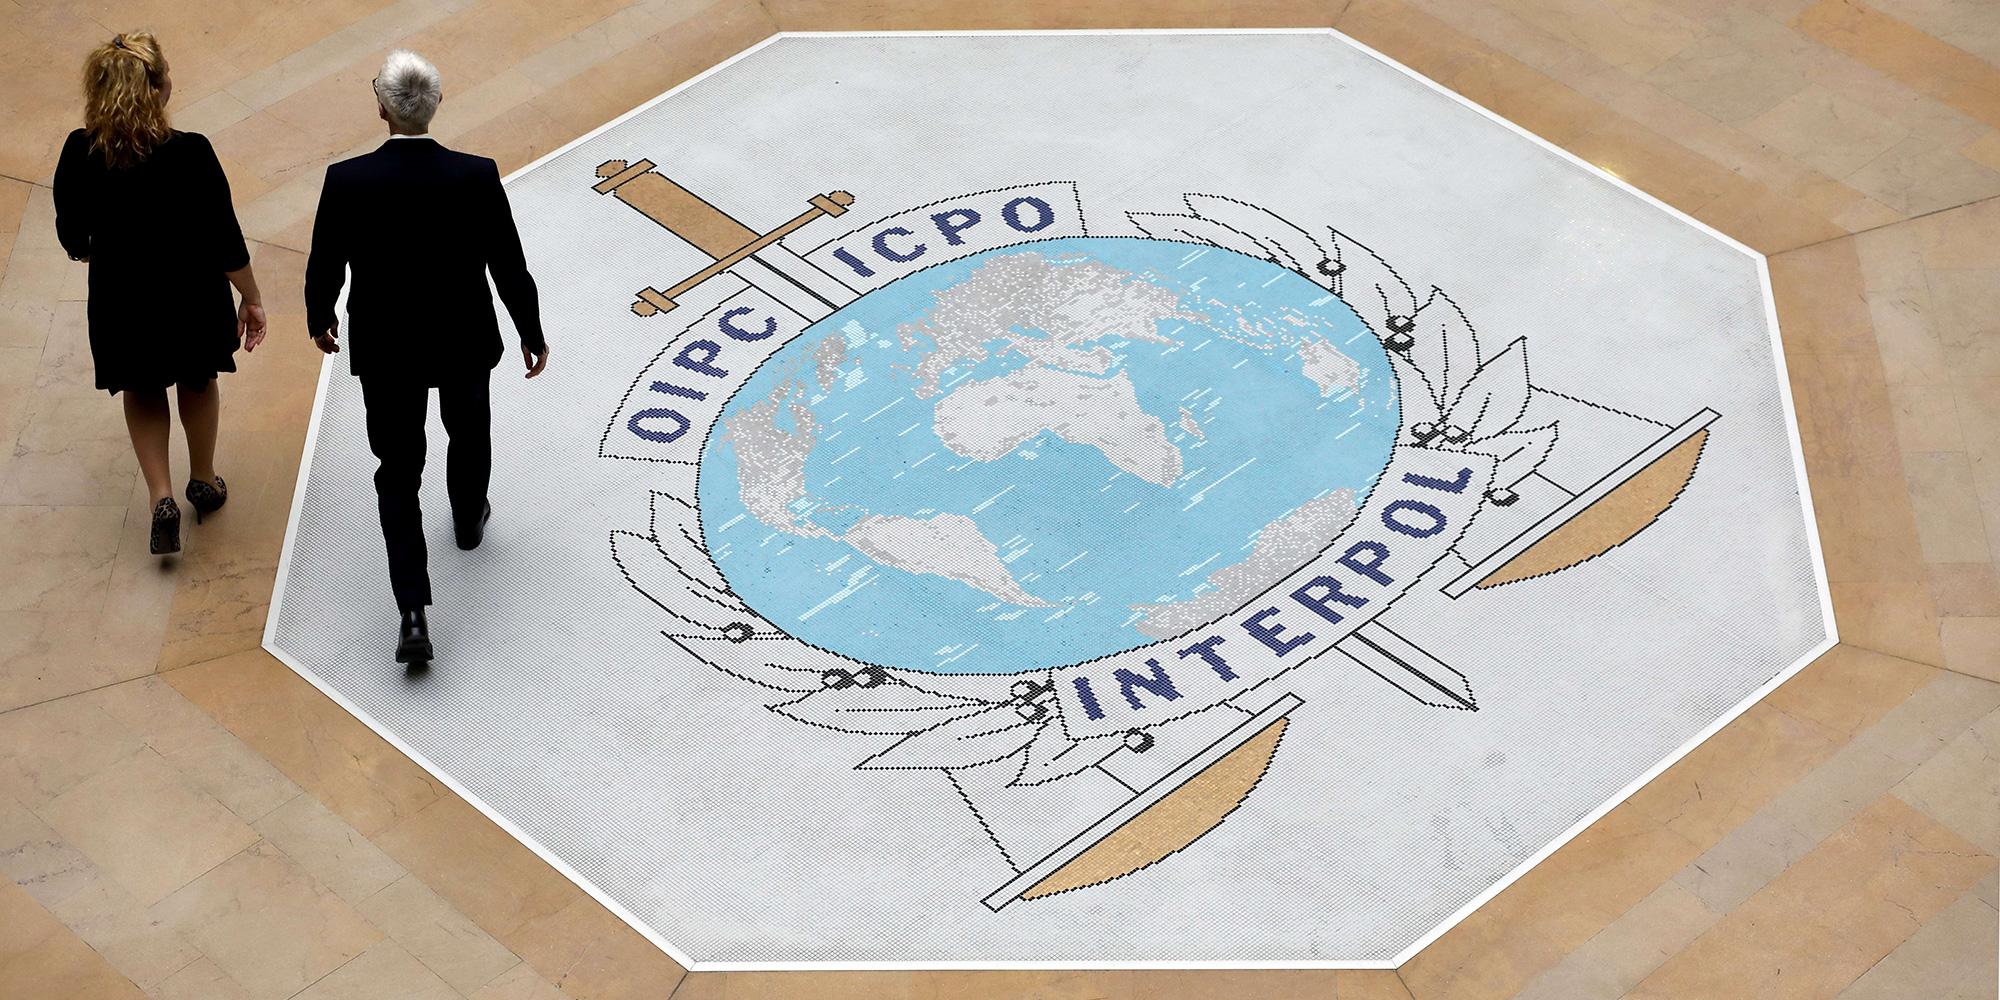 Comment les Emirats arabes unis tentent de faire main basse sur Interpol